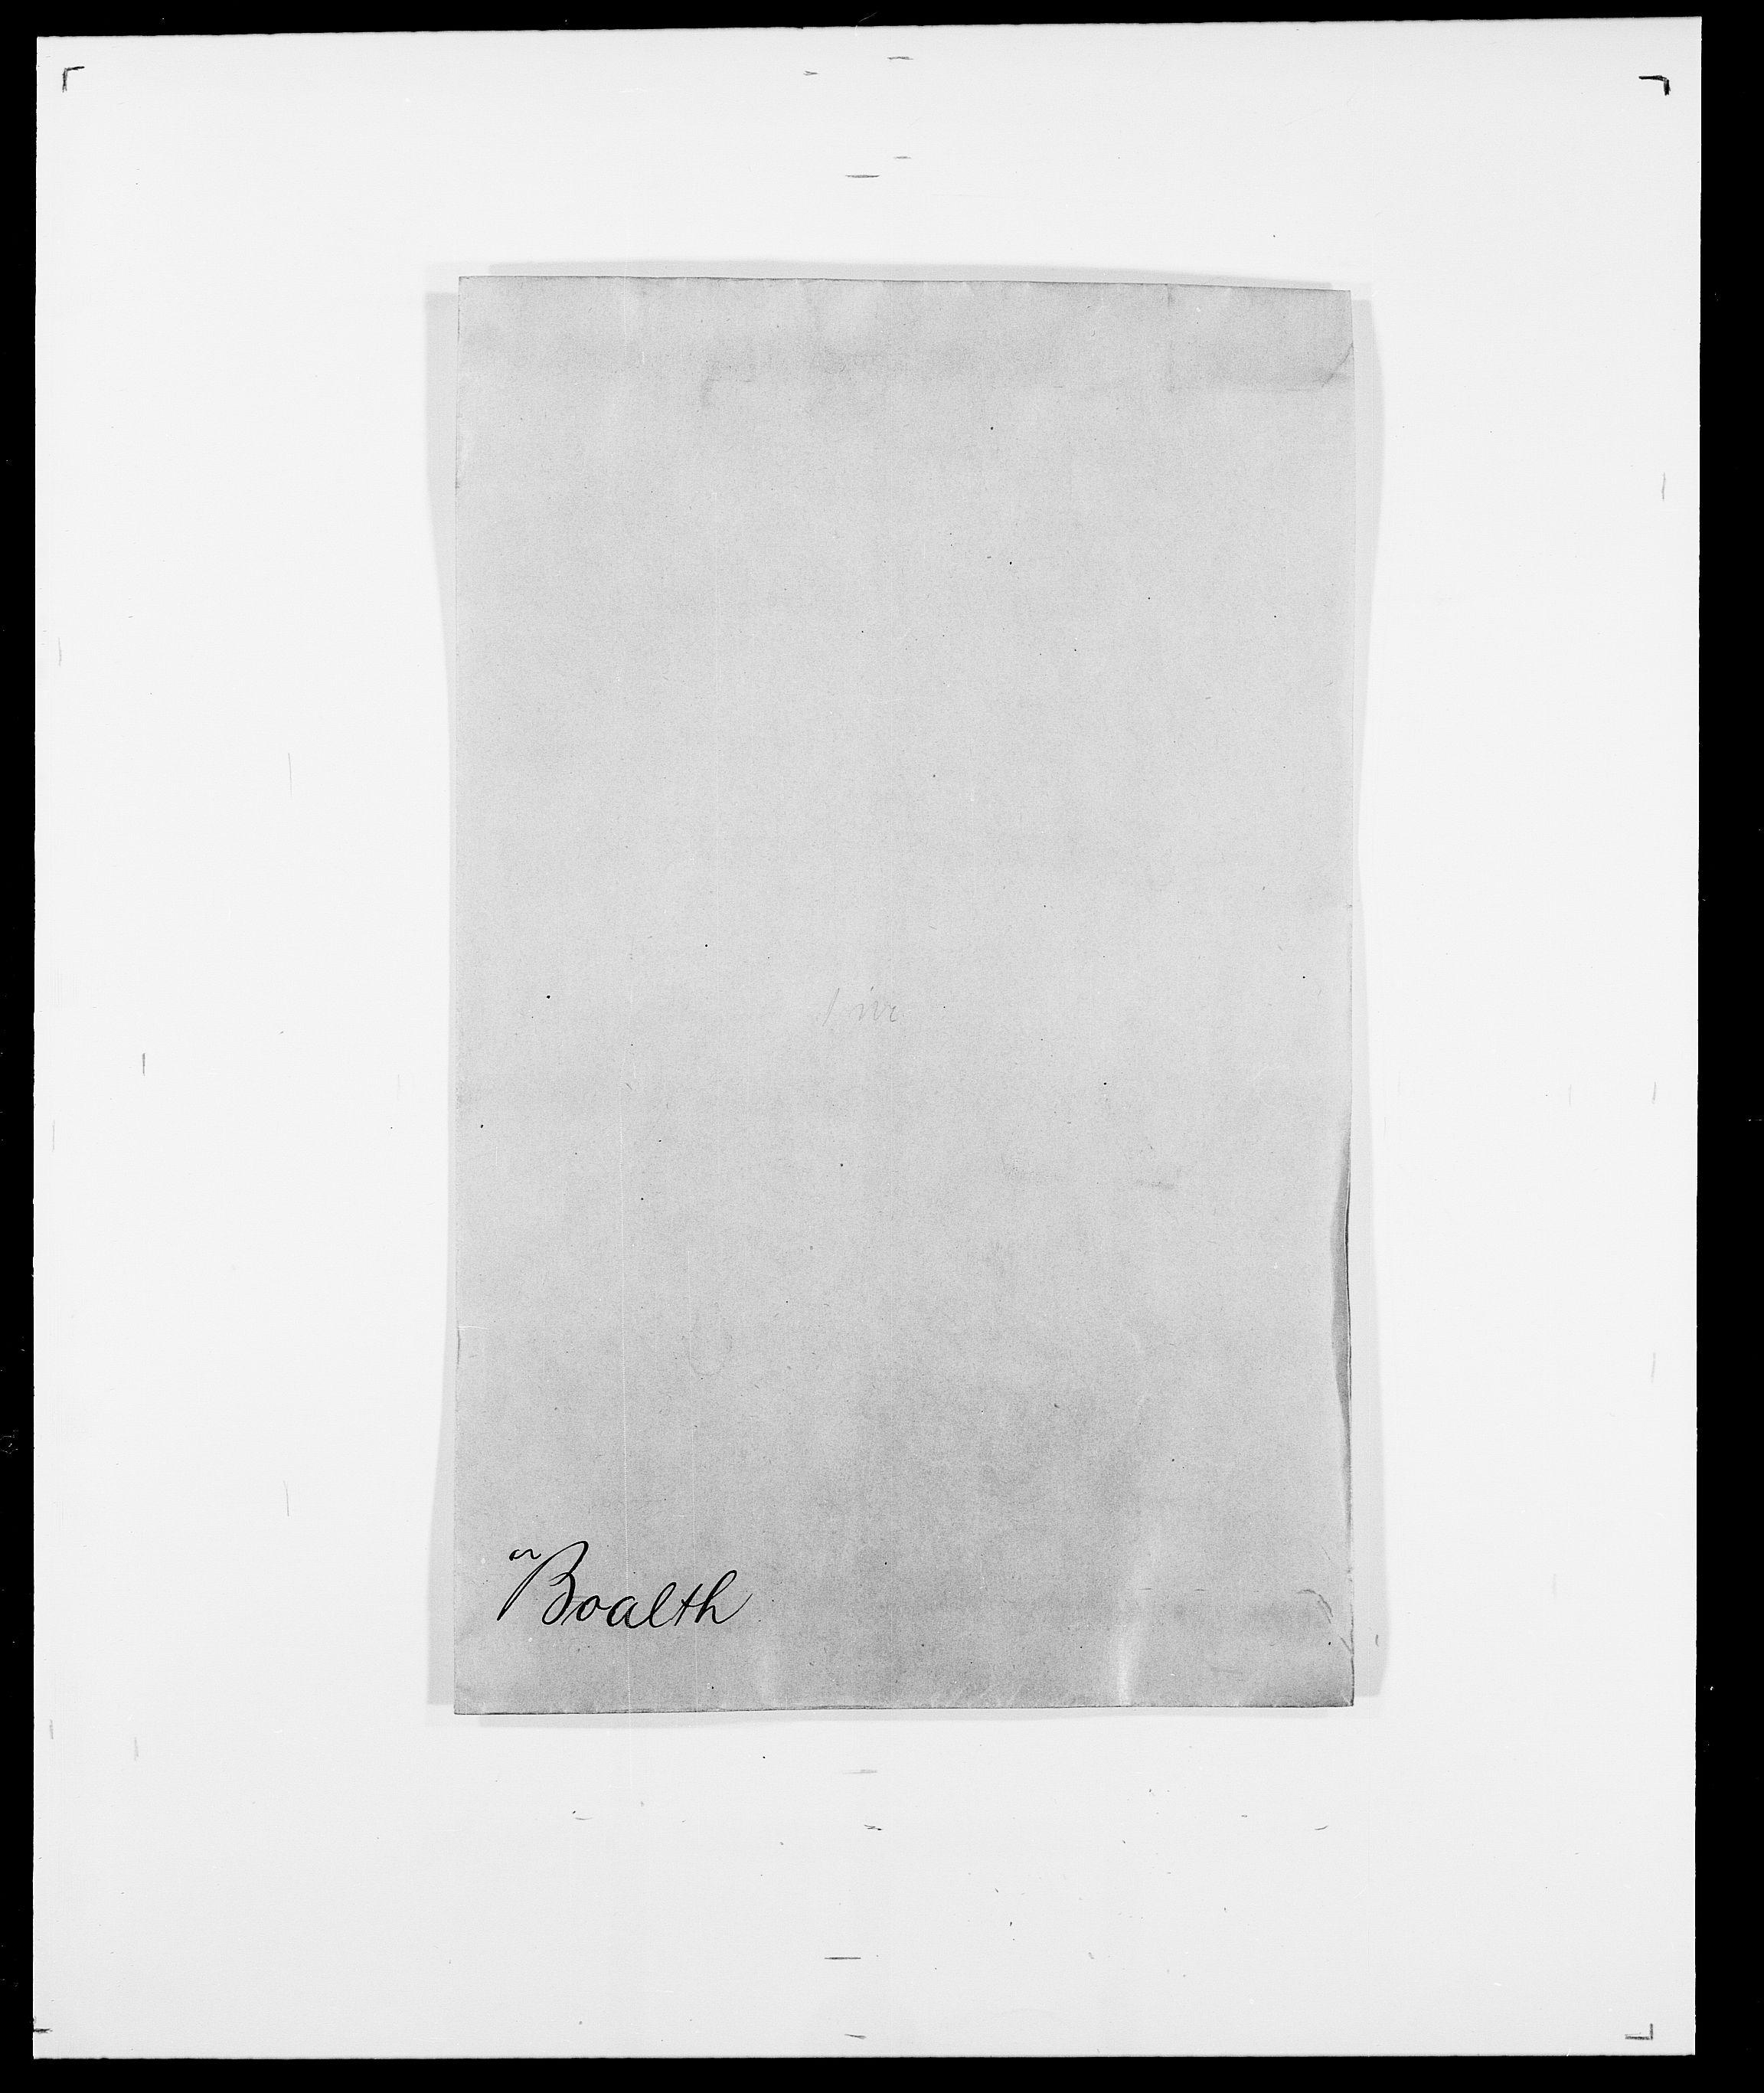 SAO, Delgobe, Charles Antoine - samling, D/Da/L0005: Boalth - Brahm, s. 1